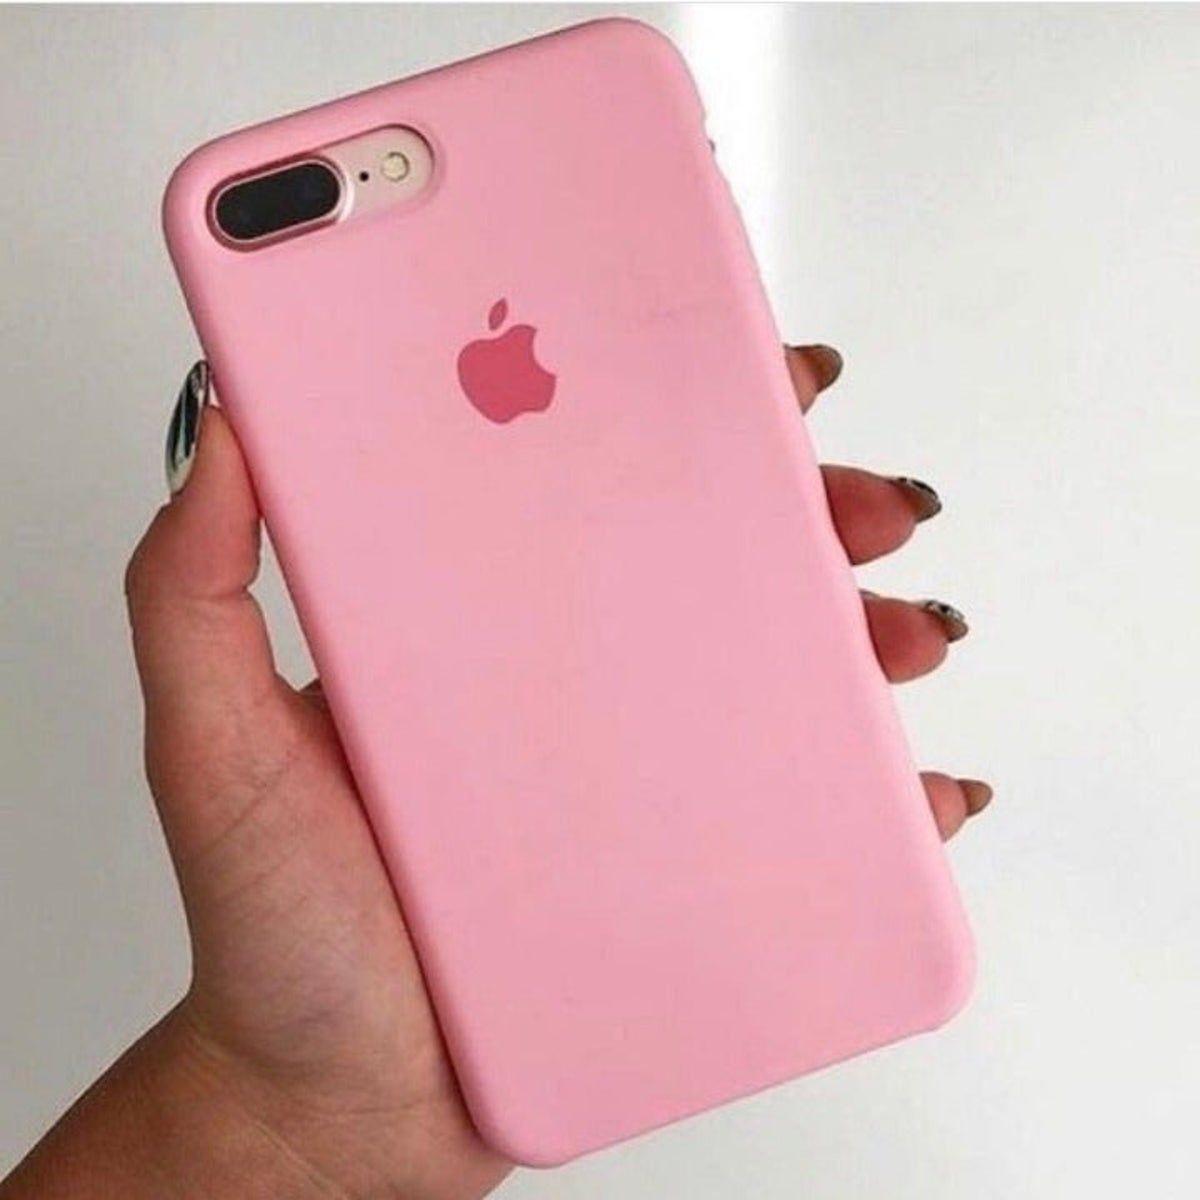 Iphone 7 8 Plus Bright Pink Case Cover Capinhas Iphone 7 Plus Capa Iphone 7 Acessorios Iphone